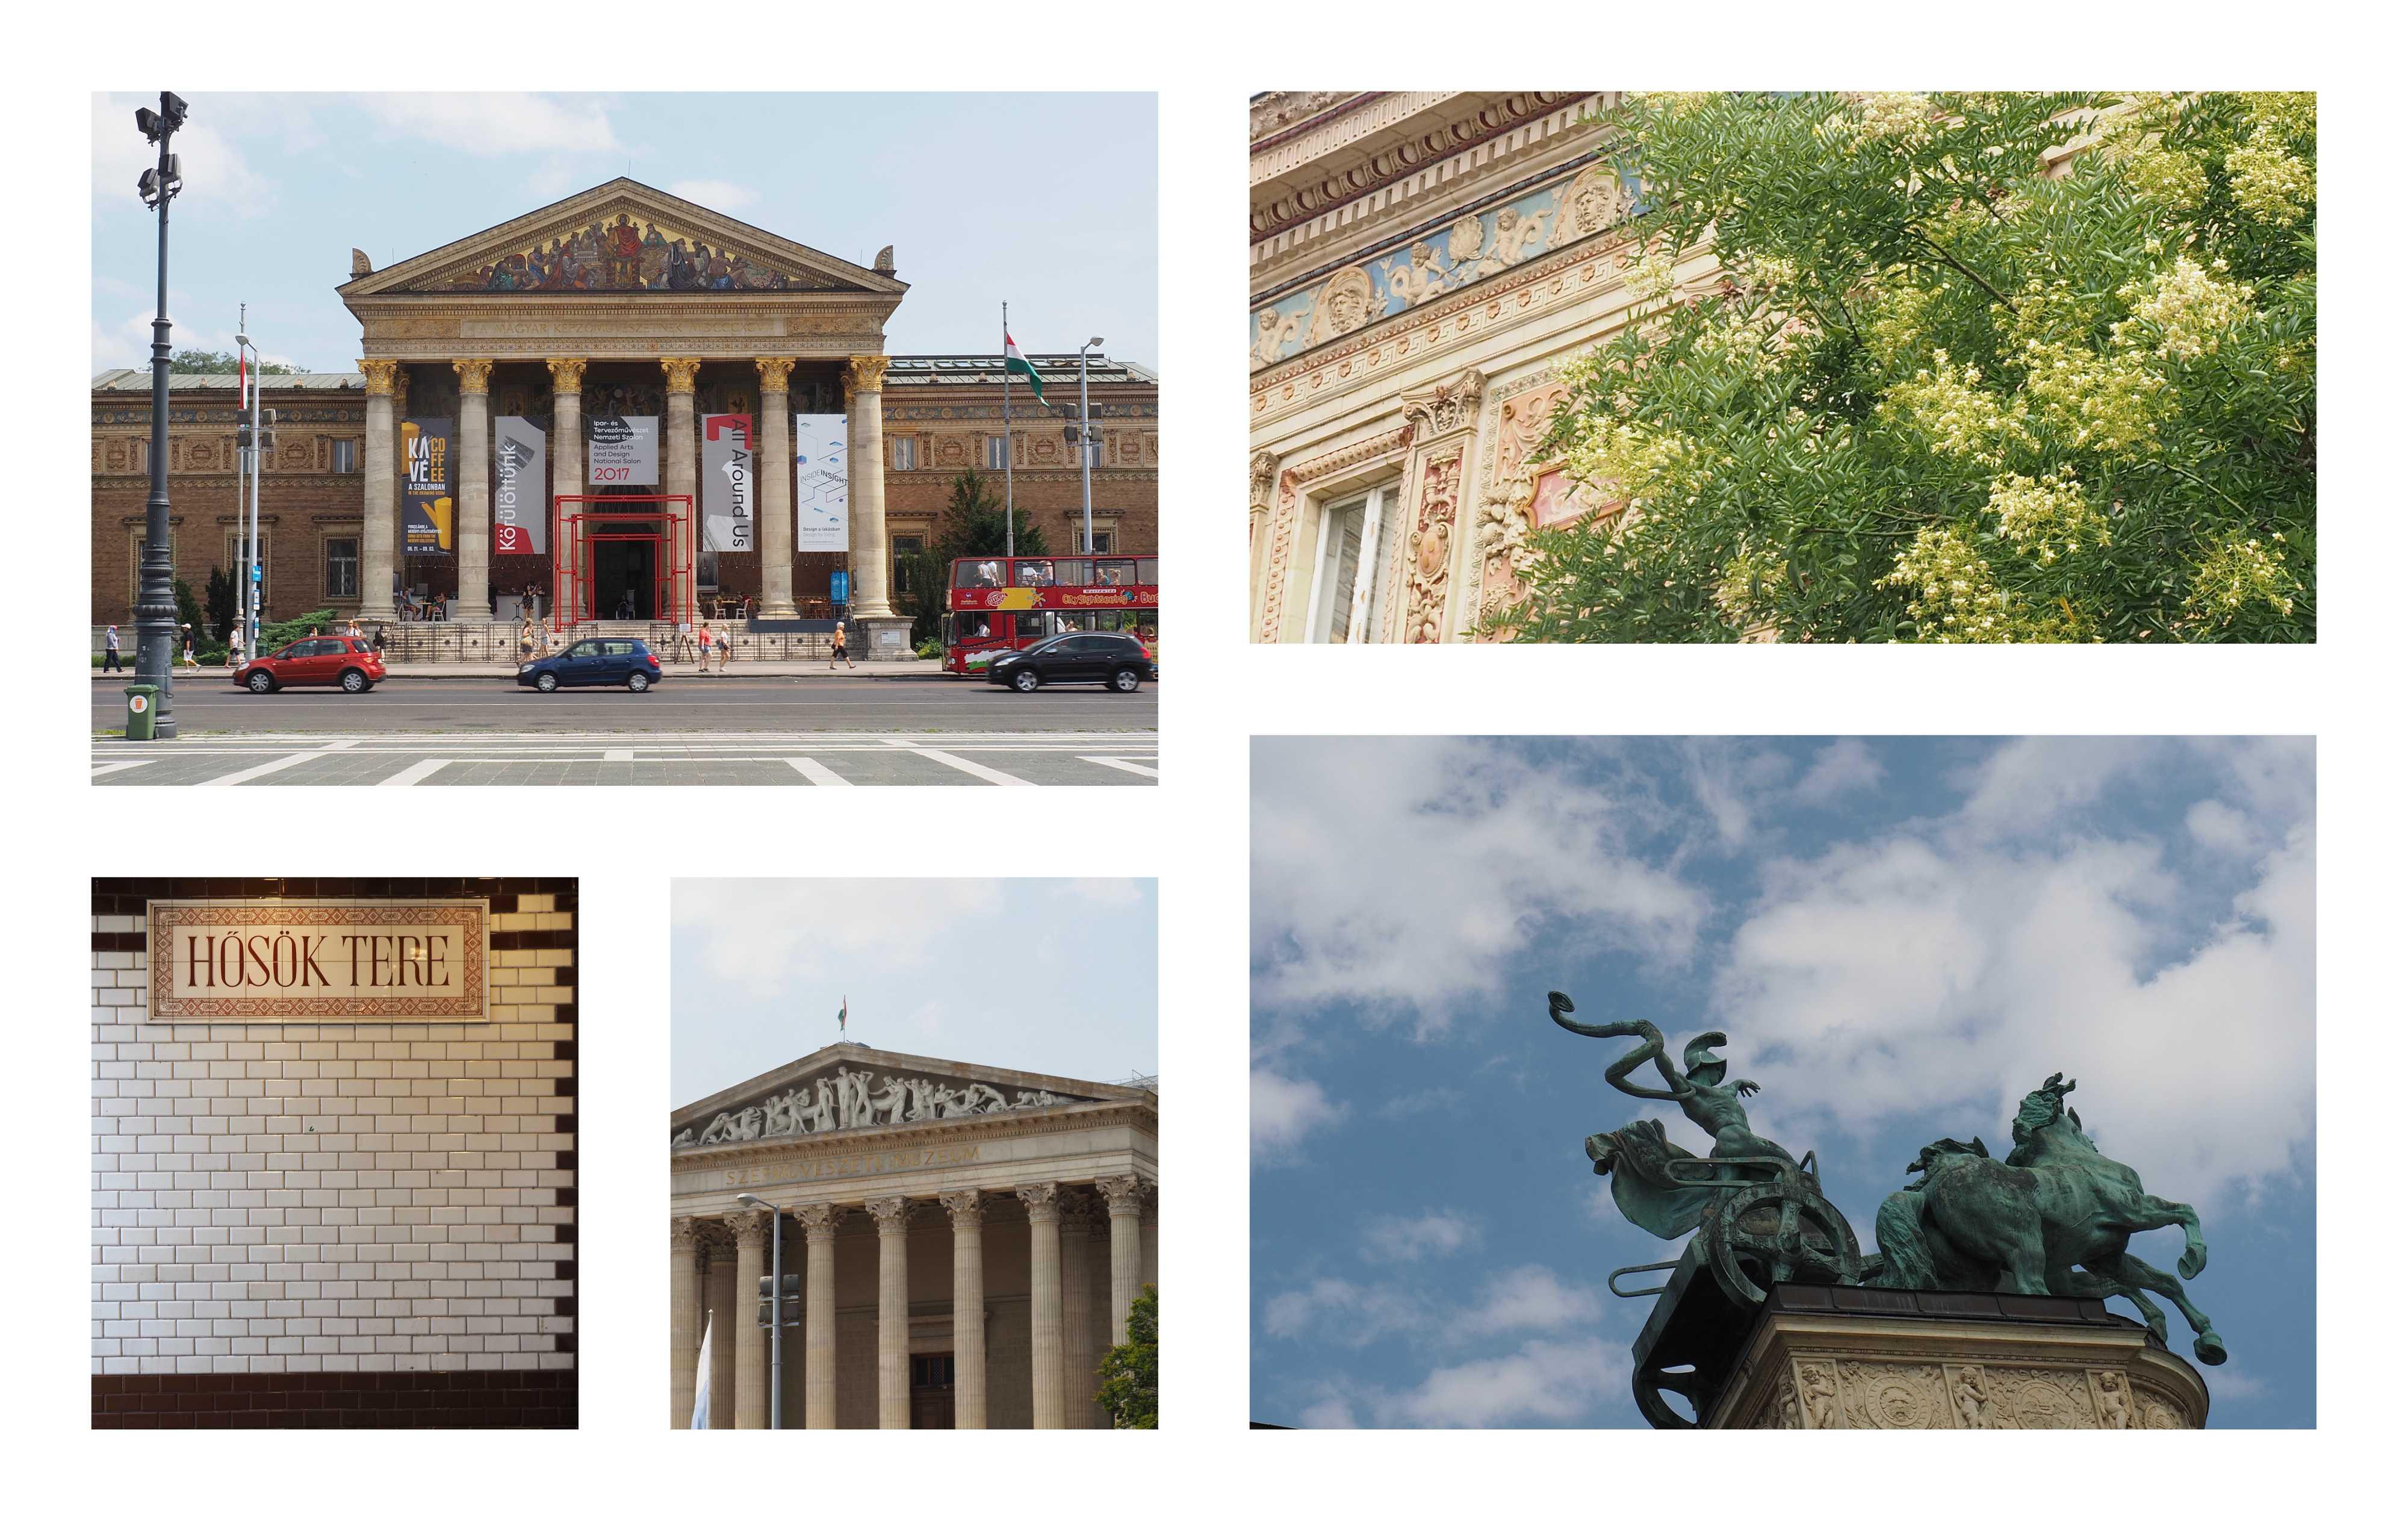 Visite de Budapest en famille, itinéraire sur 5 jours - Balade dans le quartier du Bois de la ville - Place des Héros - Palais des Arts et musée des Beaux Arts